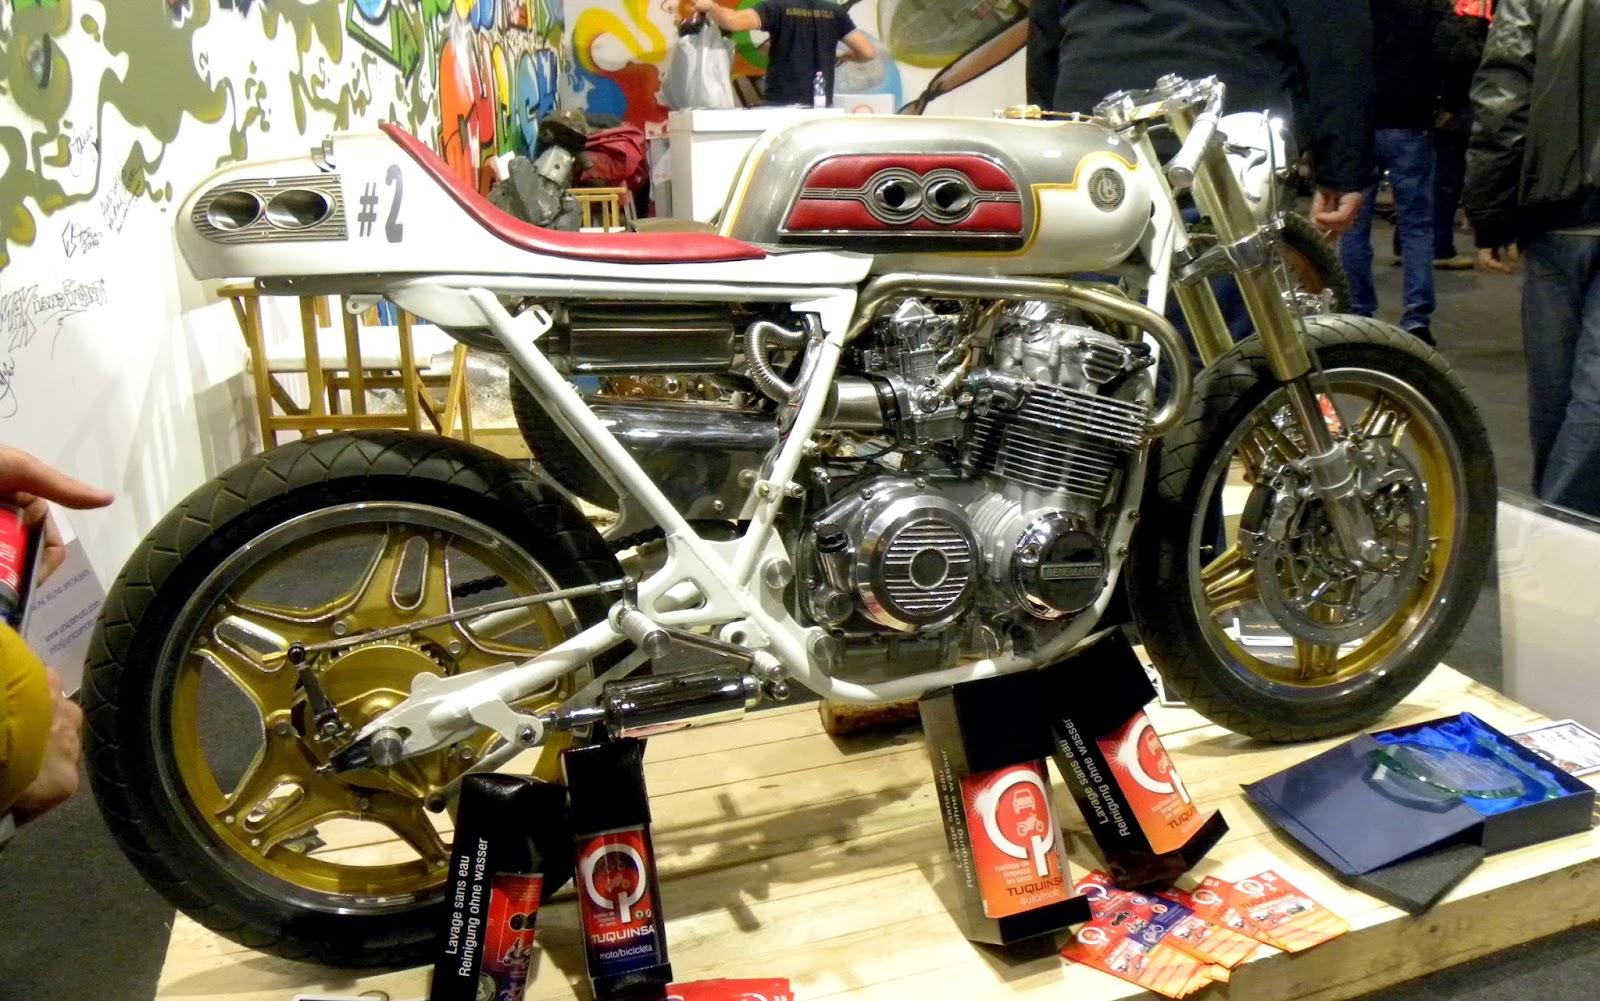 Benelli 600 Cafe Racer. - RocketGarage - Cafe Racer Magazine